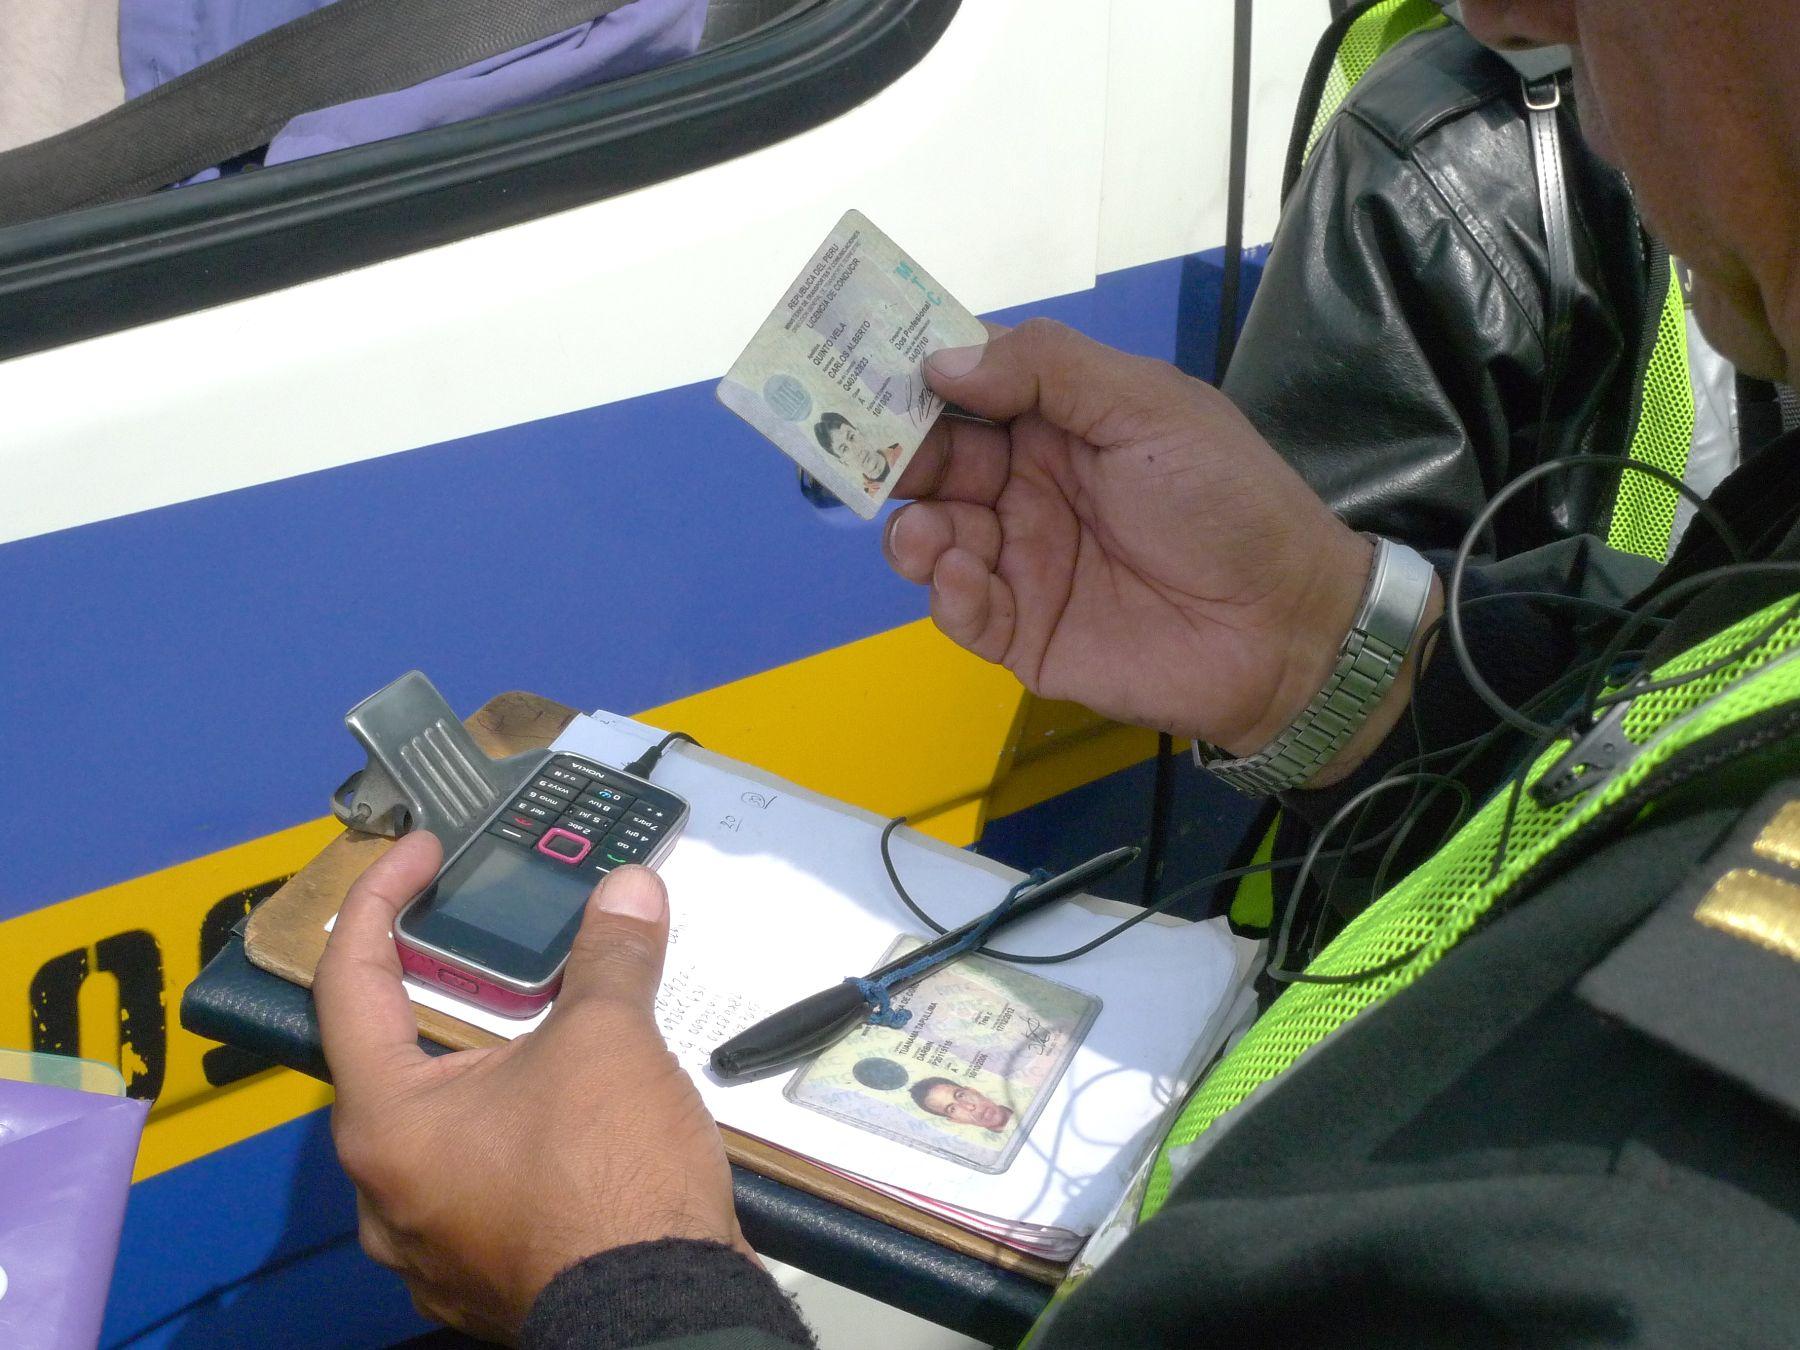 El director general de Transporte Terrestre del MTC, Enrique Medri, participa de operativo para detectar a choferes con brevetes cancelados o suspendidos, en las inmediaciones del Puente Nuevo, en Zárate.